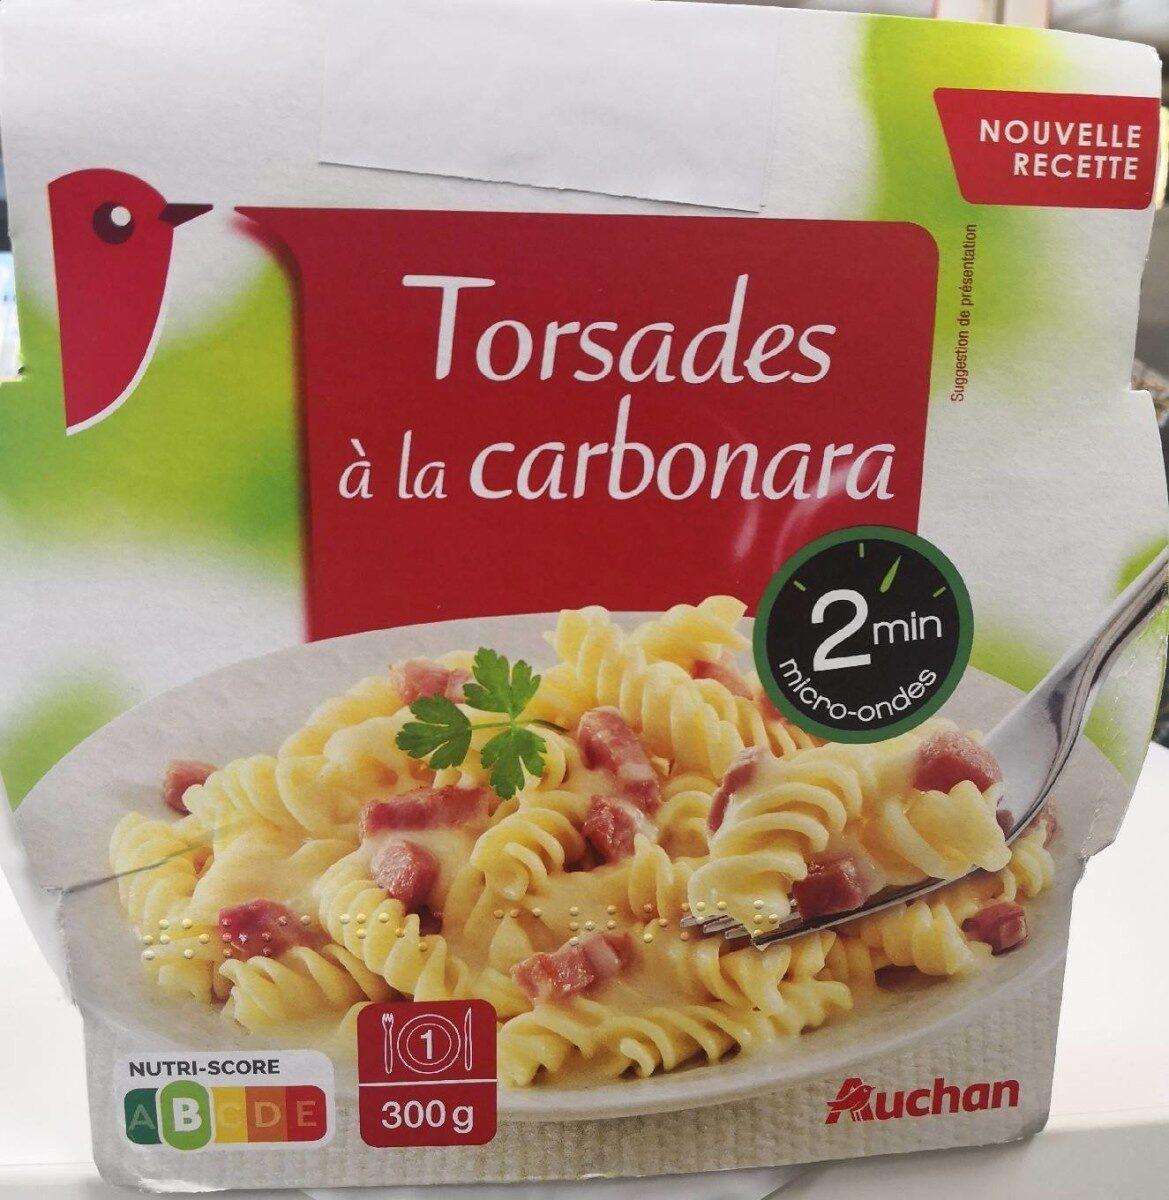 Torsades Carbonara Auchan - Produkt - fr